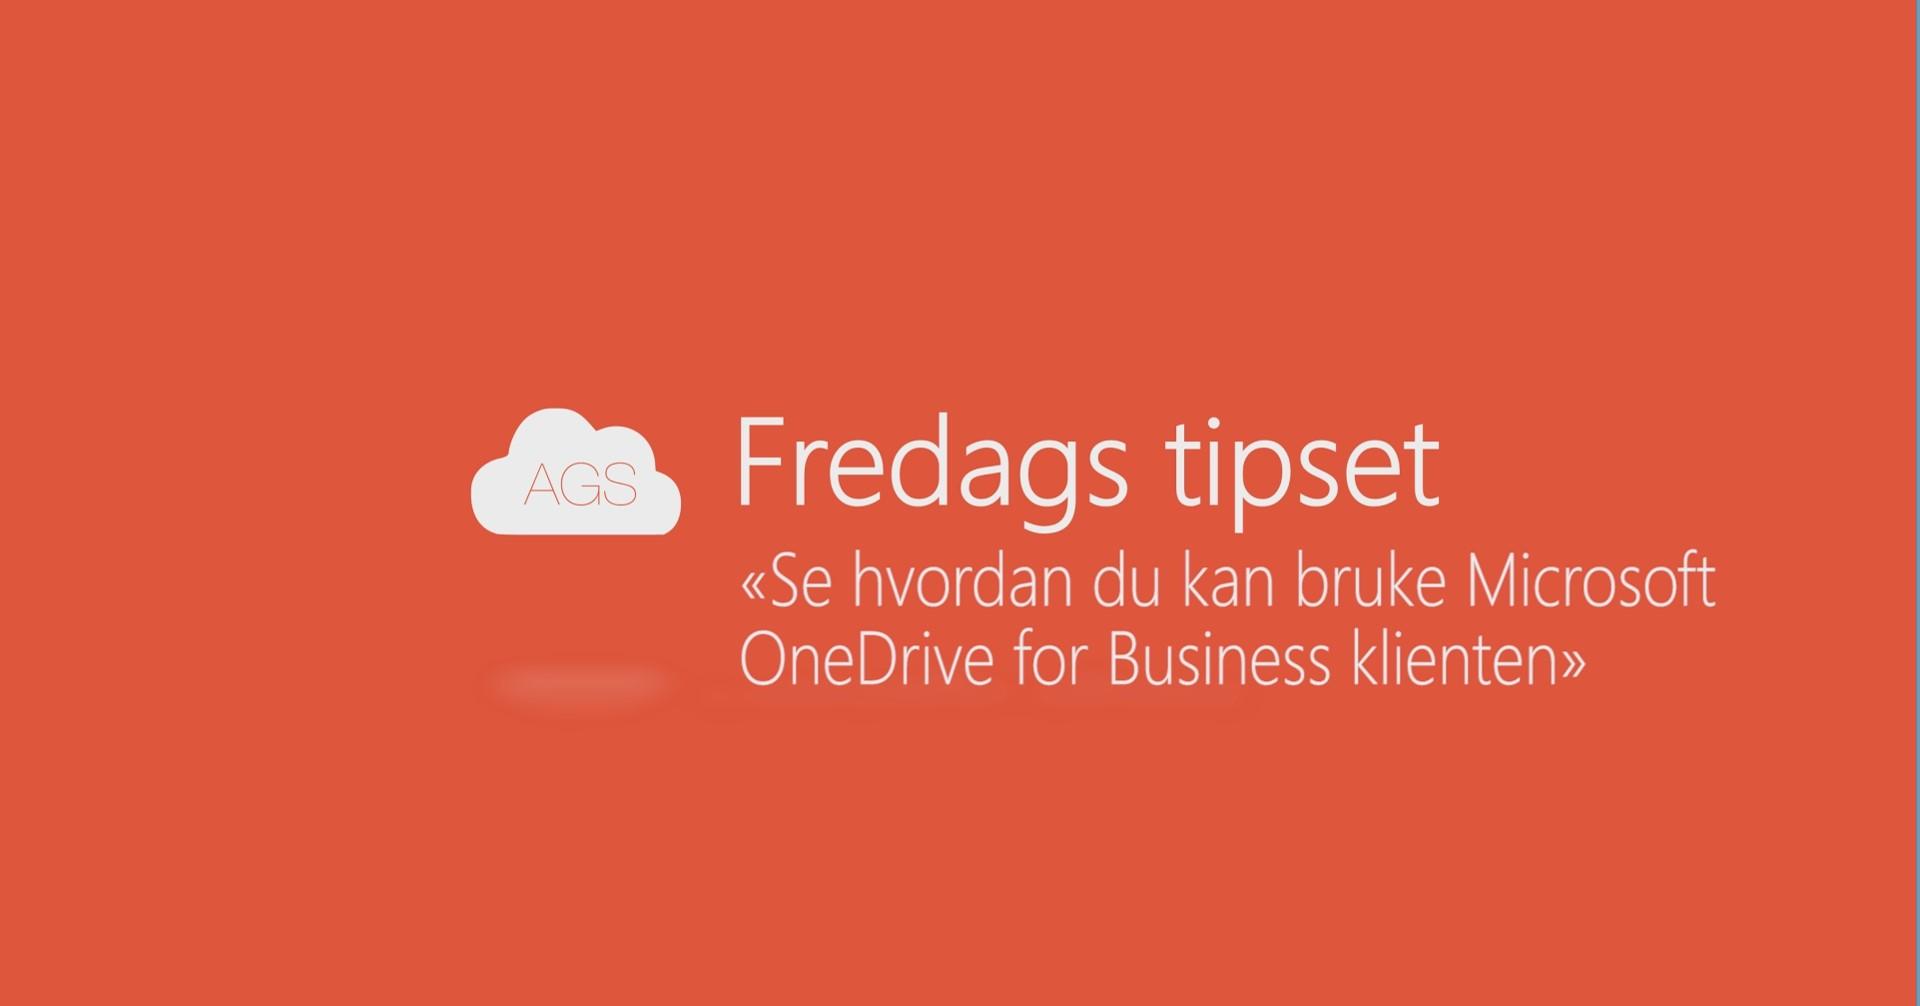 AGS Fredags tipset: Se hvordan du kan bruke Microsoft OneDrive for Business klienten.